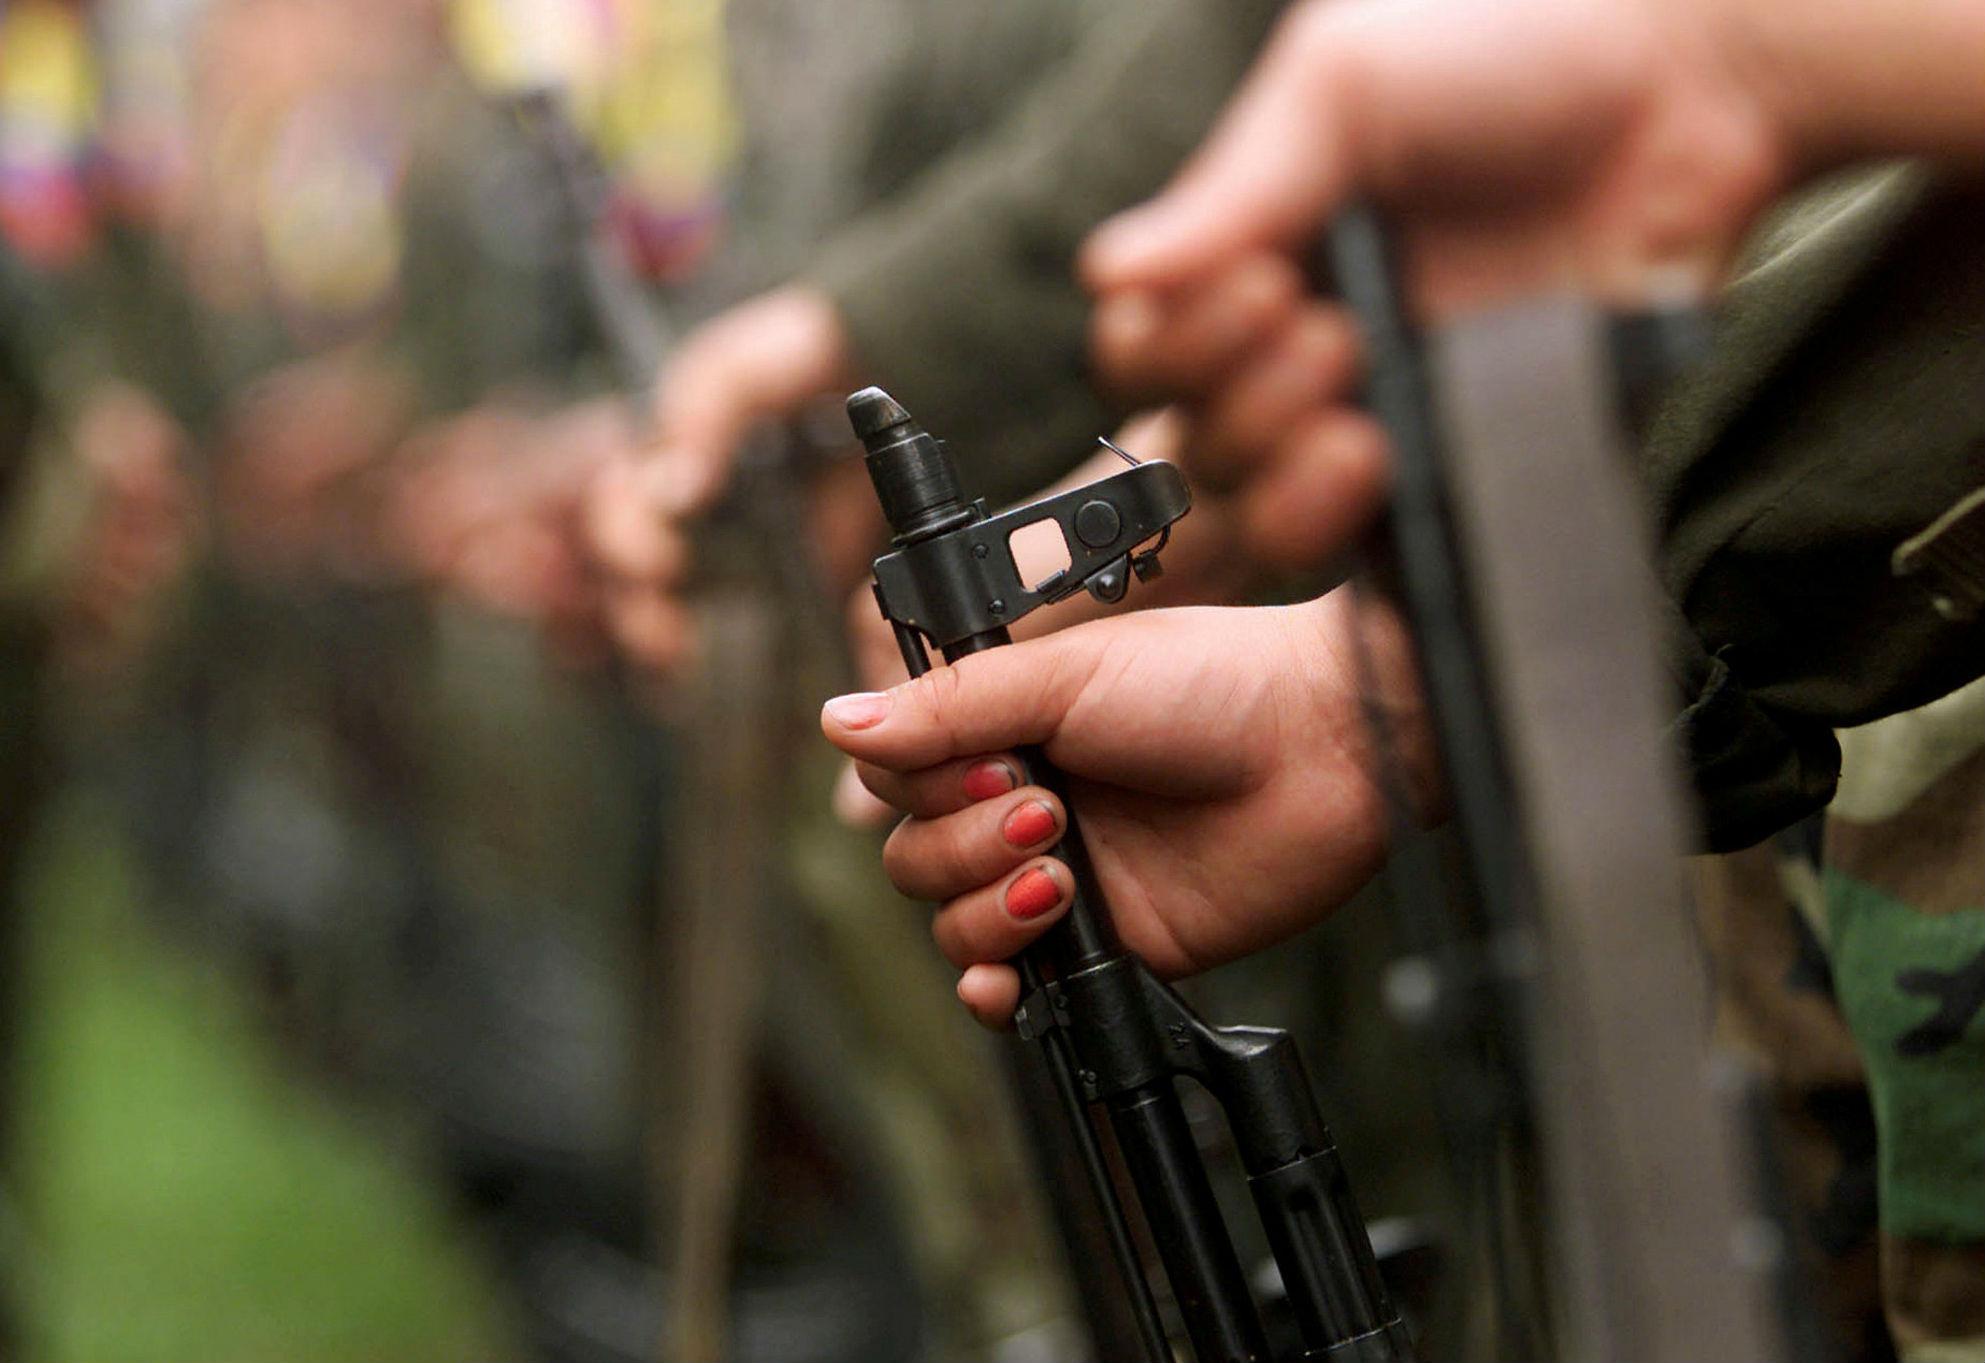 Las FARC arranca la recta final de su desarme en Colombia